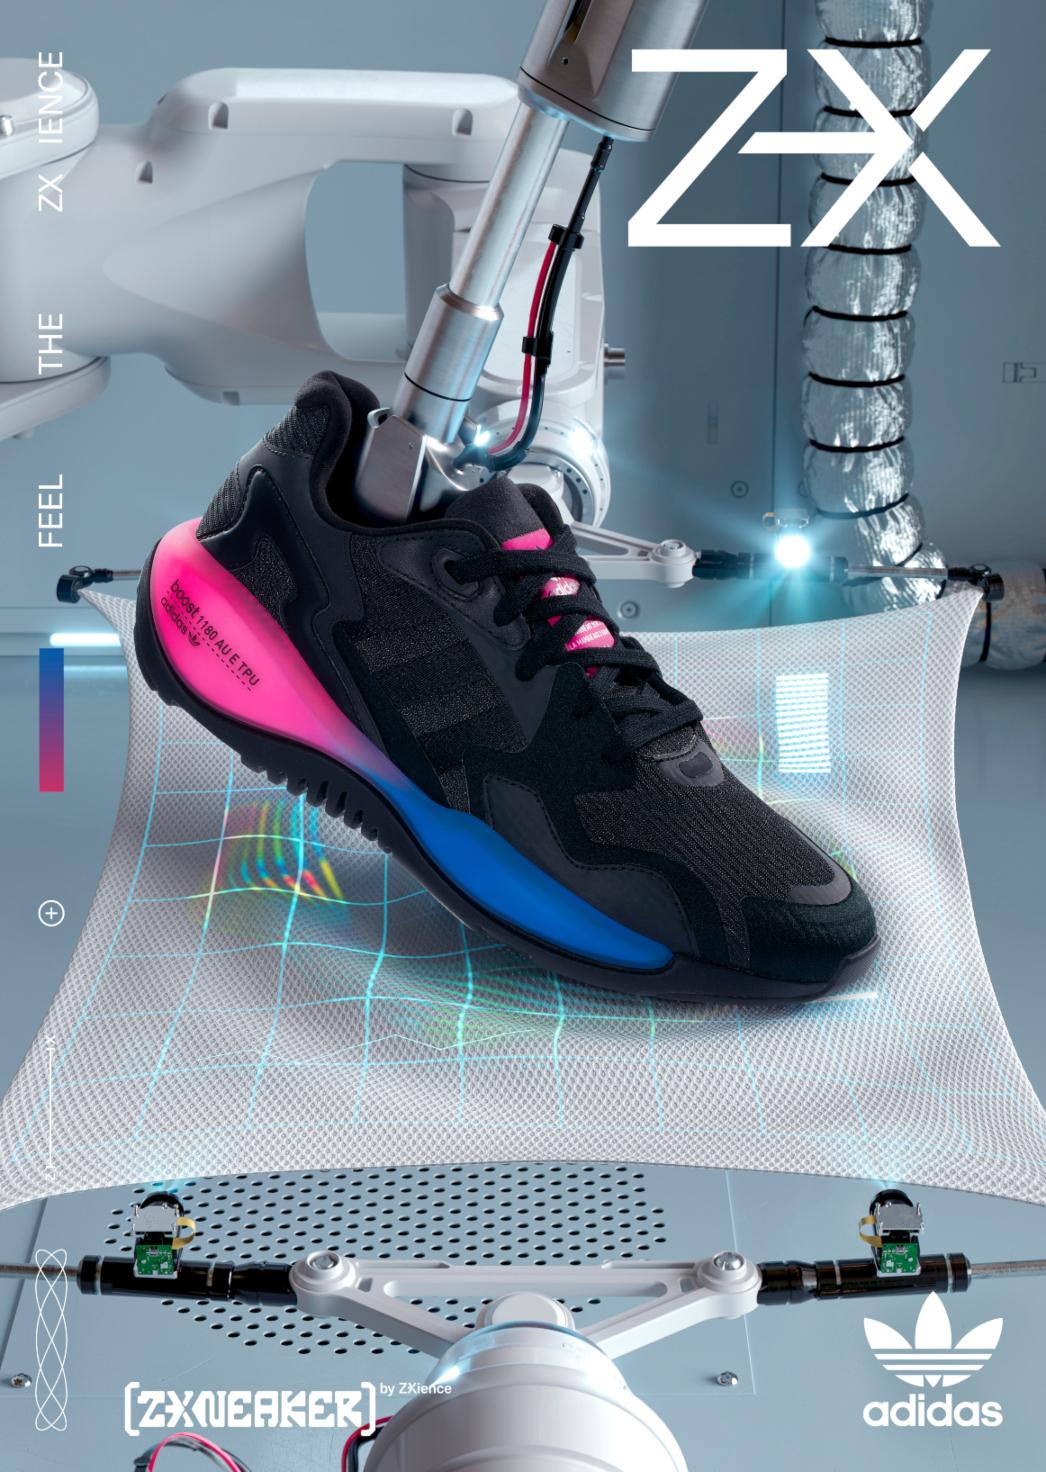 adidas_zx-alkyne-cho-nam